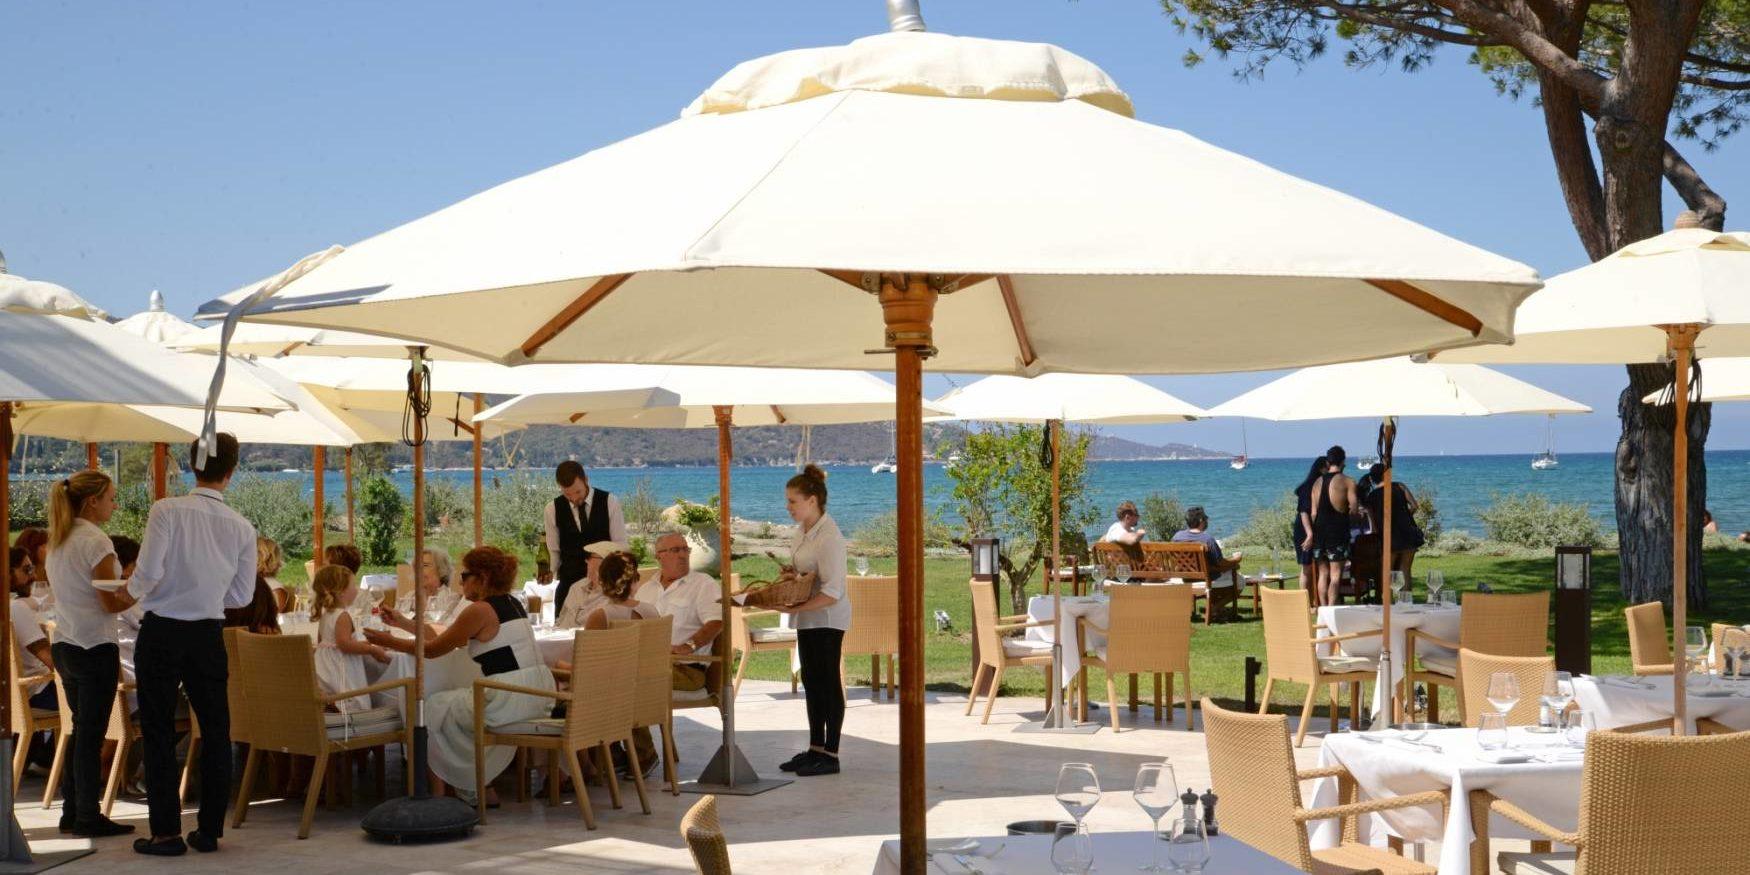 Hotel La Roya Saint-Florent Corsica Frankrijk terras restaurant Michelinster tafels stoelen bediening zee